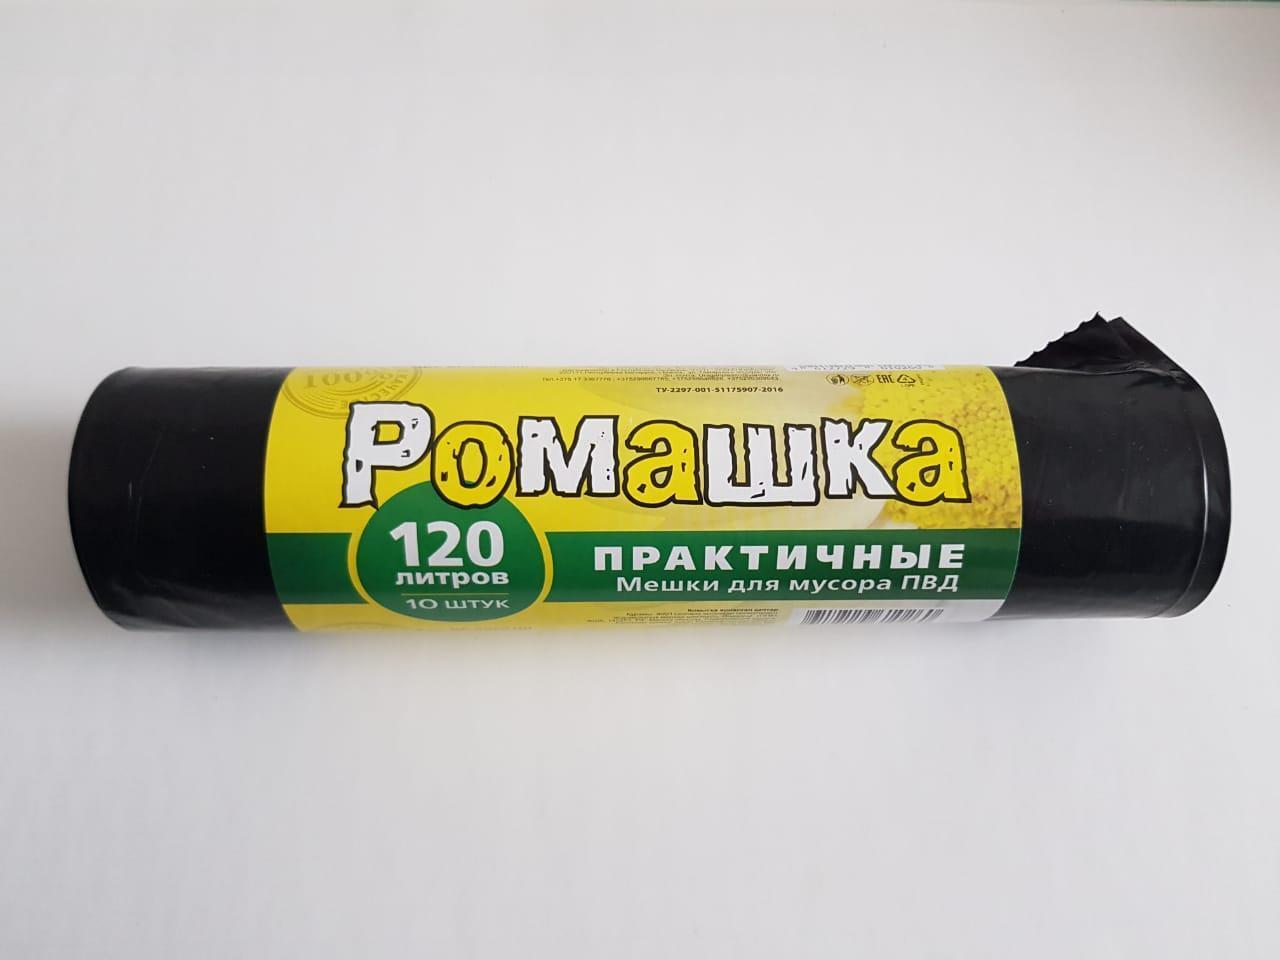 """Мешки для мусора 120 л """"Практичные"""" без завязок ПВД"""